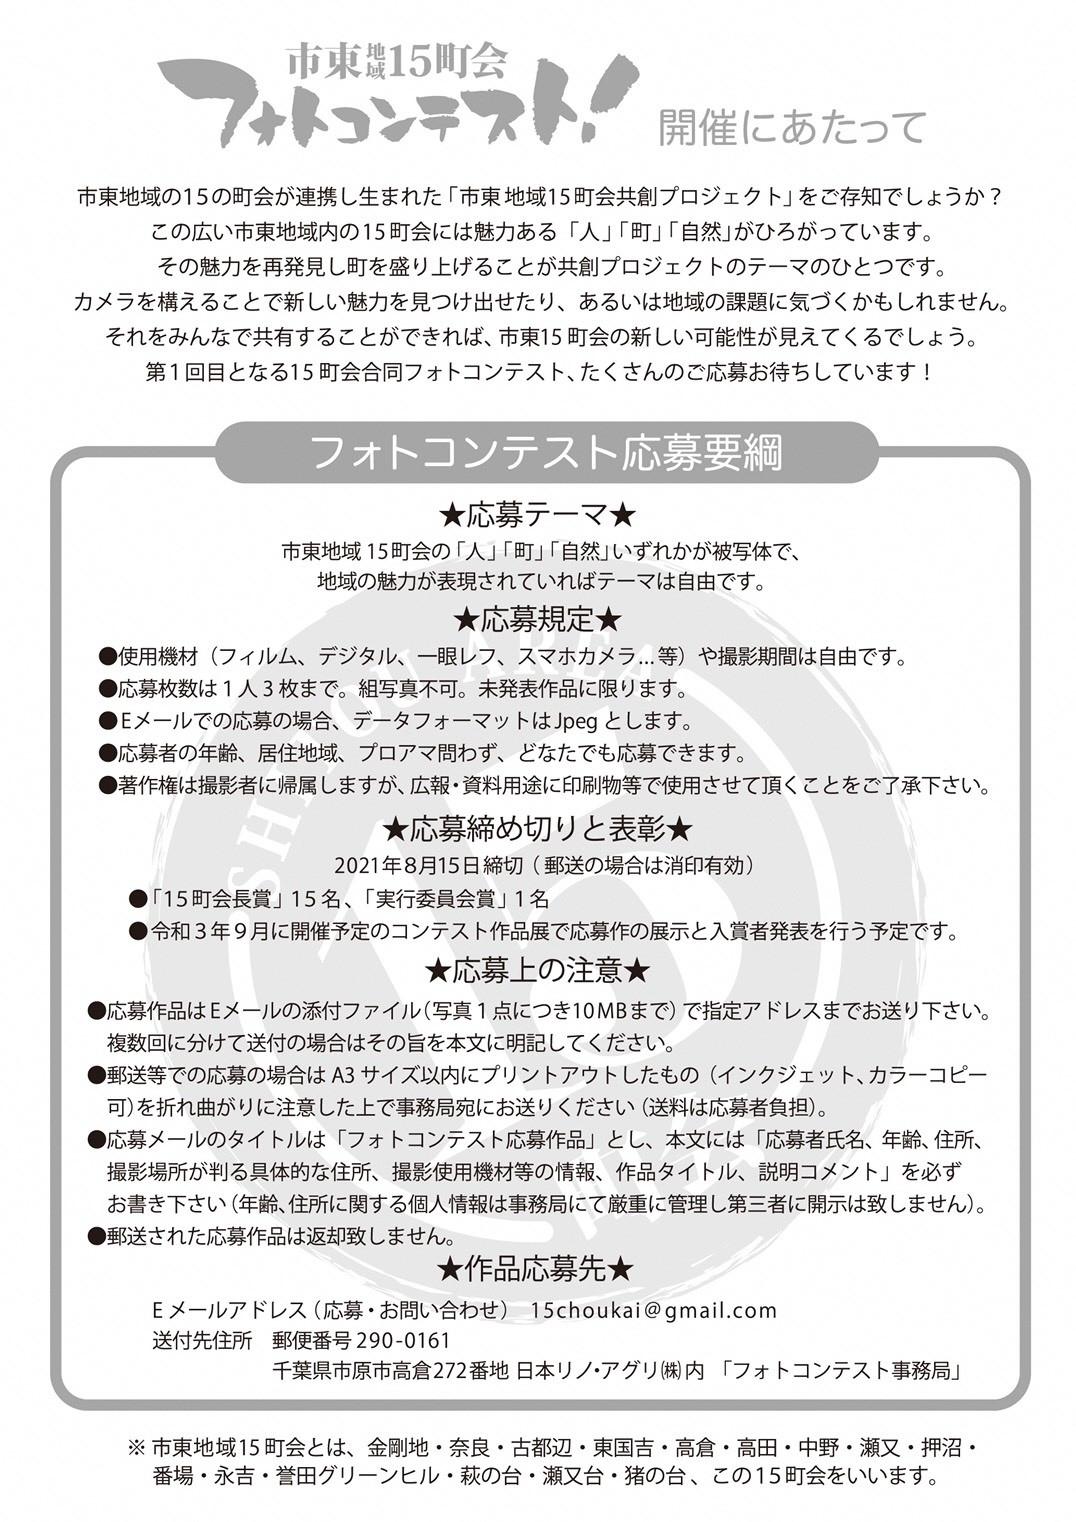 チラシ(裏)IMG_1653-1.JPG